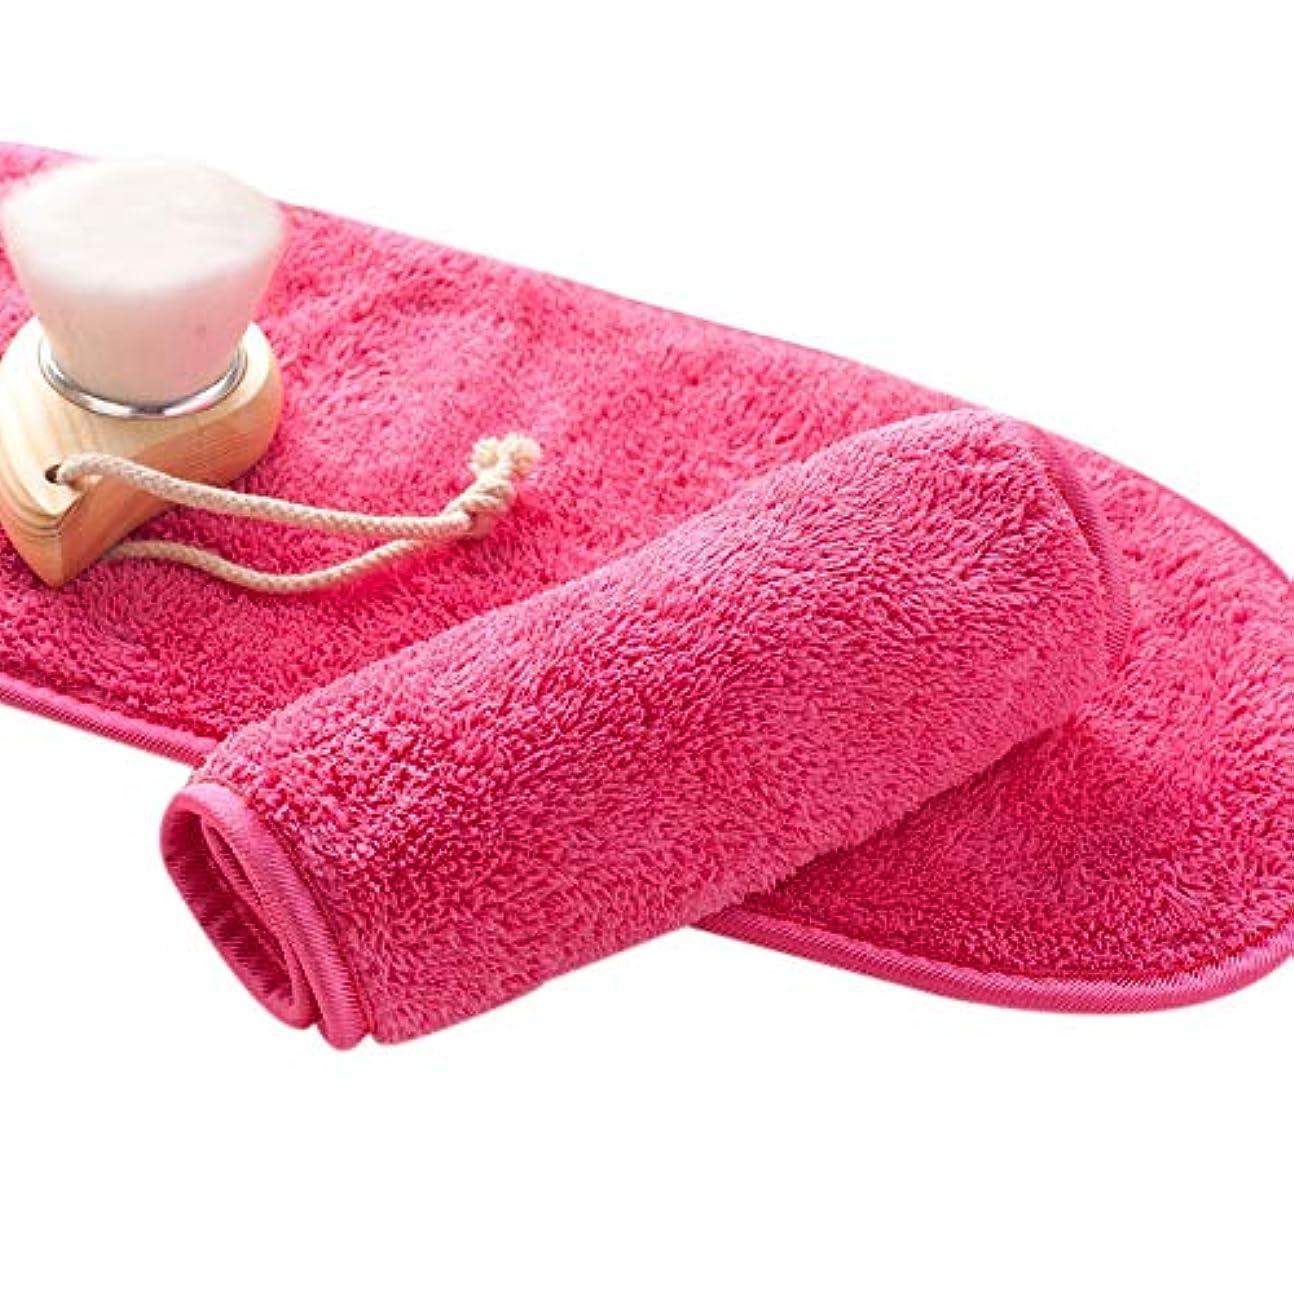 ACAMPTAR ナチュラル抗菌保護 メイク落とし クレンジング美容ウォッシュツール 再利用可能なマイクロファイバーのフェイシャルクロス 顔用タオル